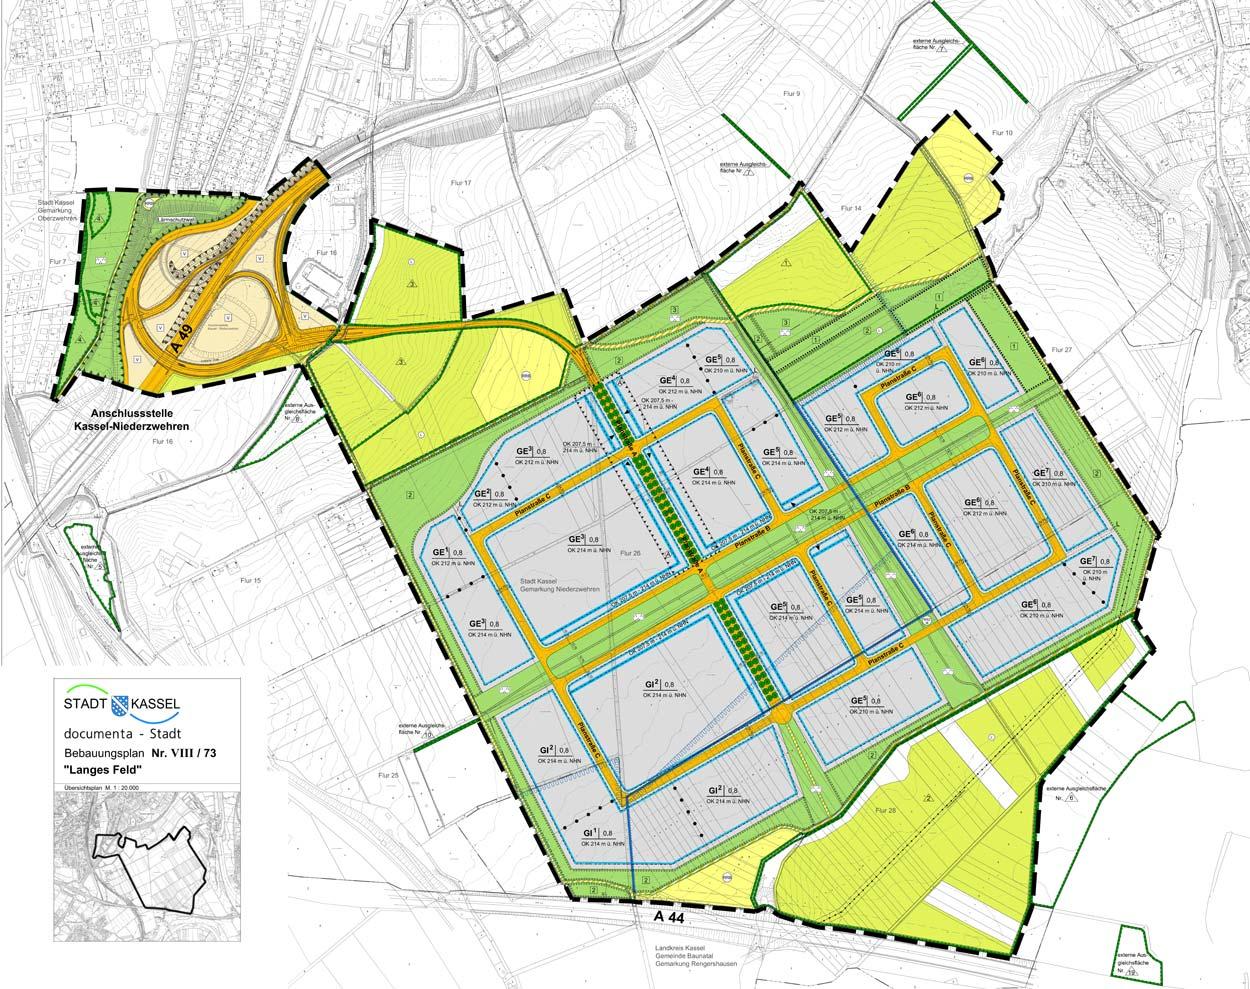 B-Plan Gewerbe- und Industriegebiet Langes Feld Kassel Planquadrat Dortmund